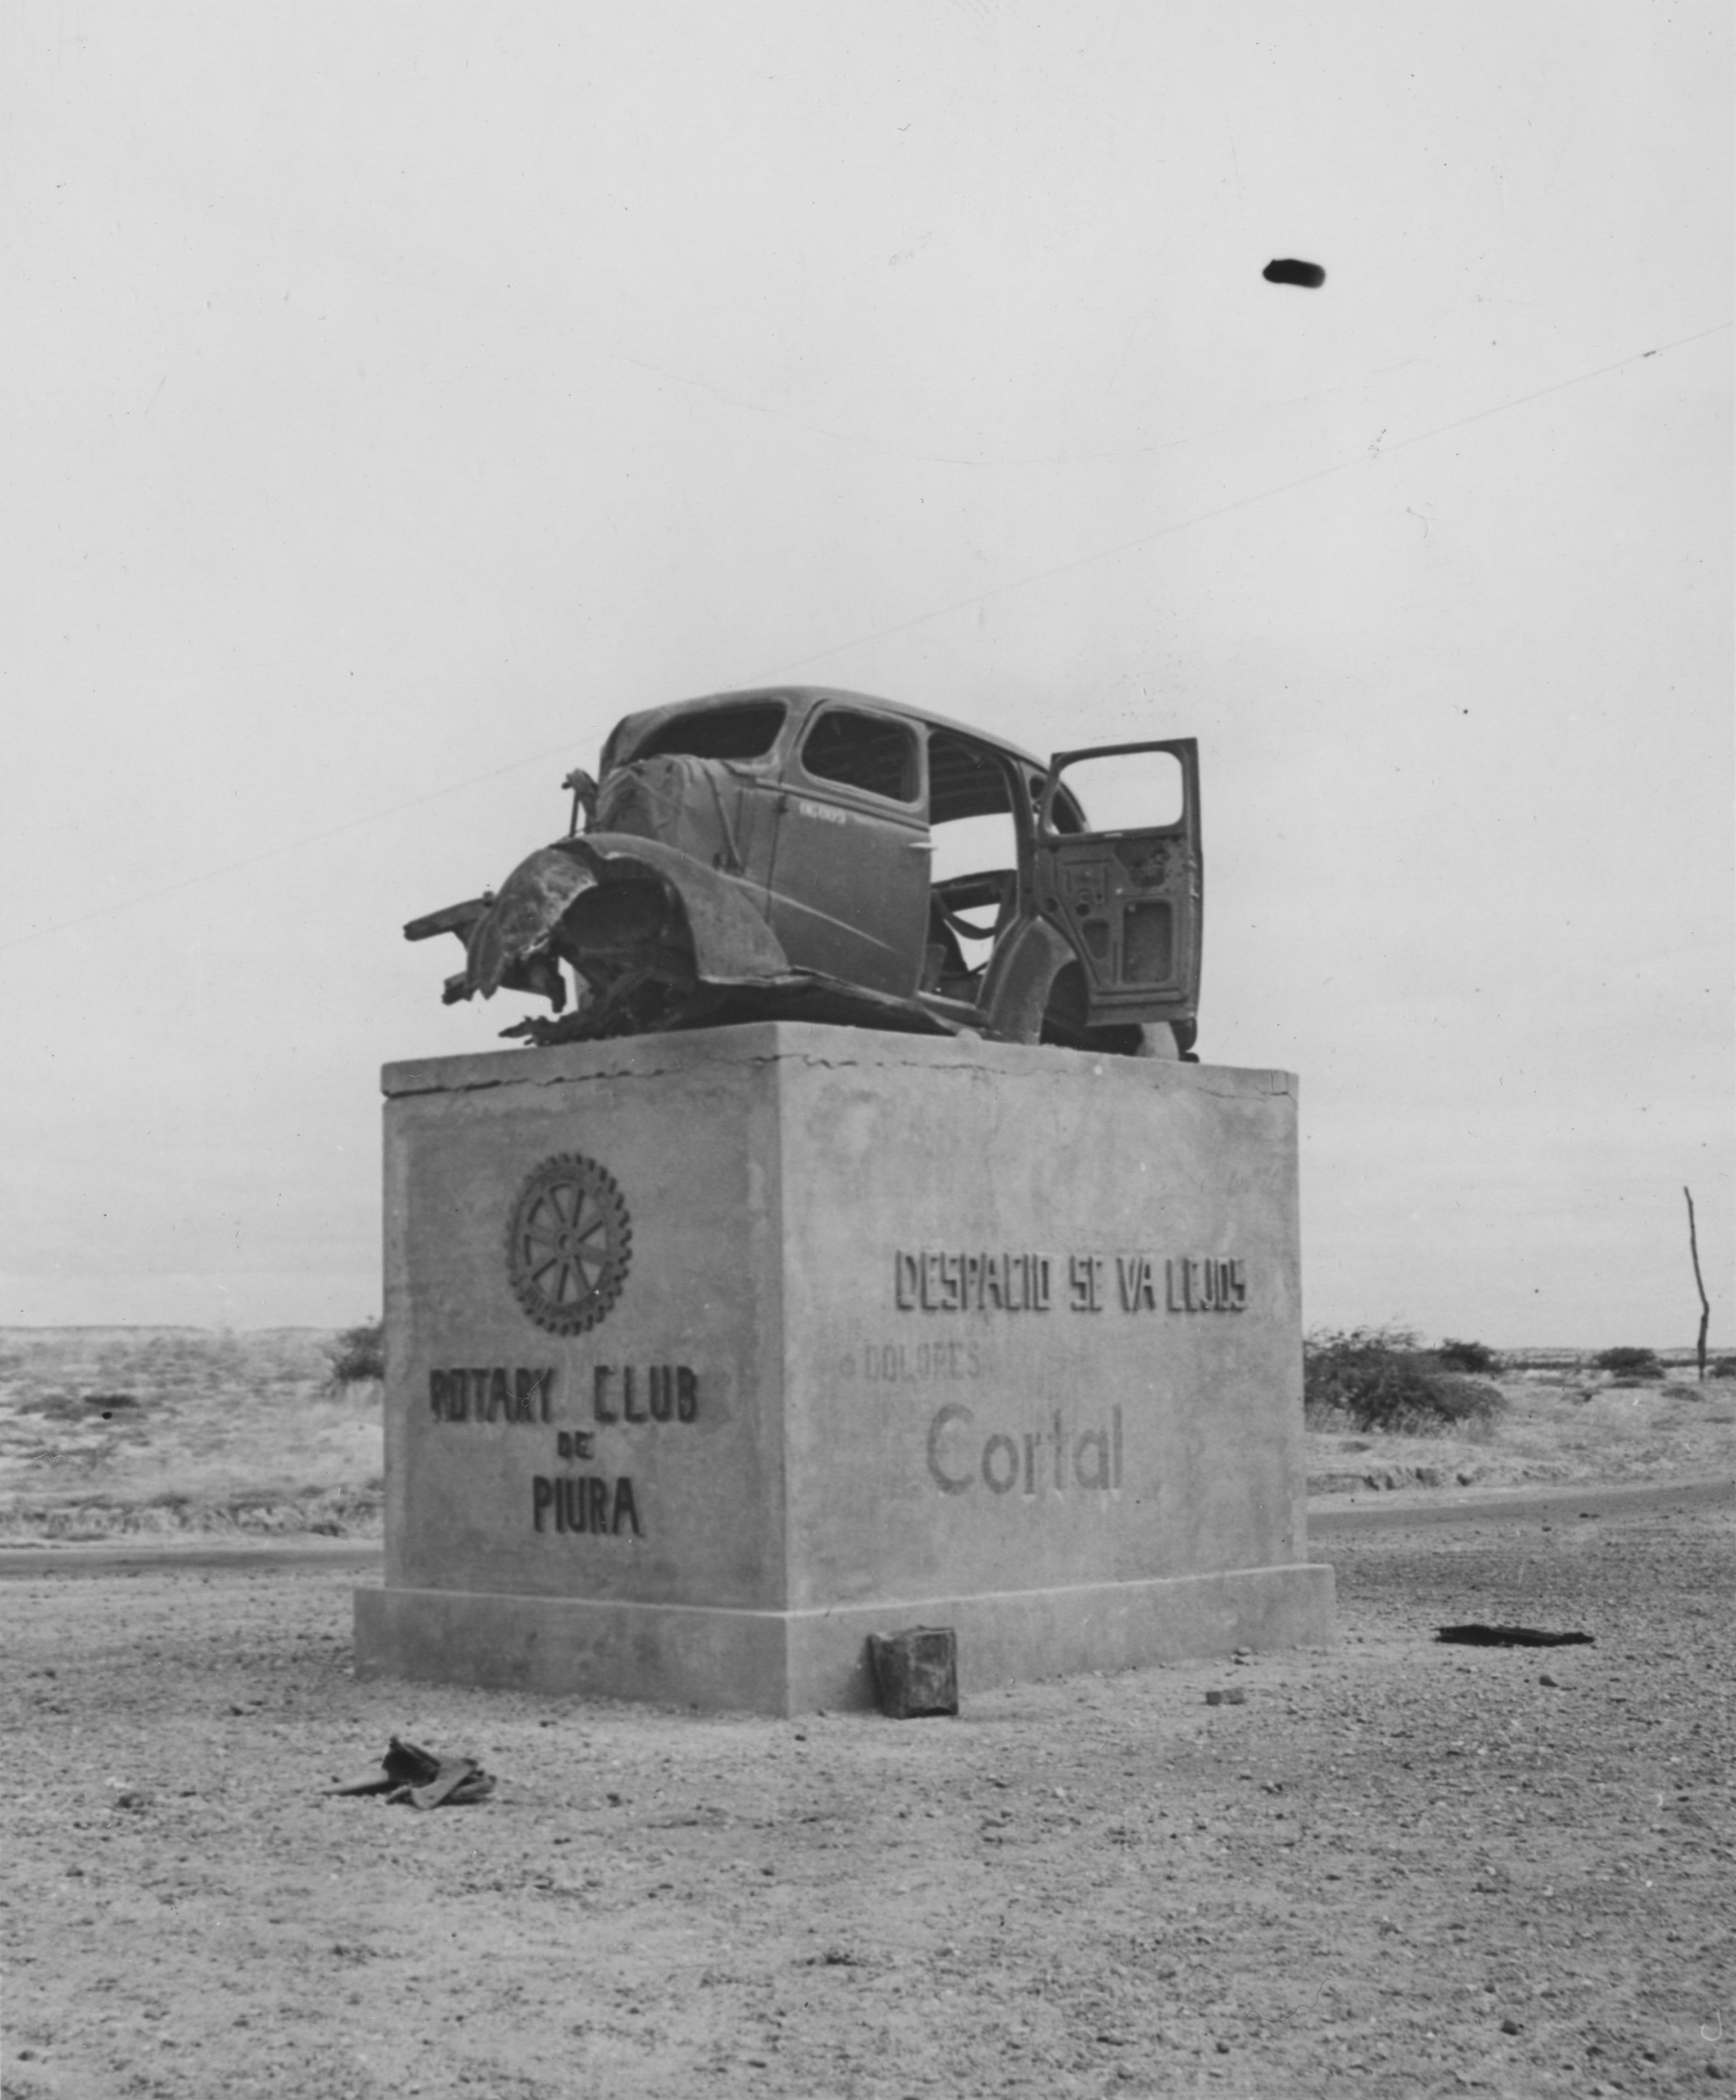 File:Peru - 43-2541 - Roadside car safety monument in Piura.jpg